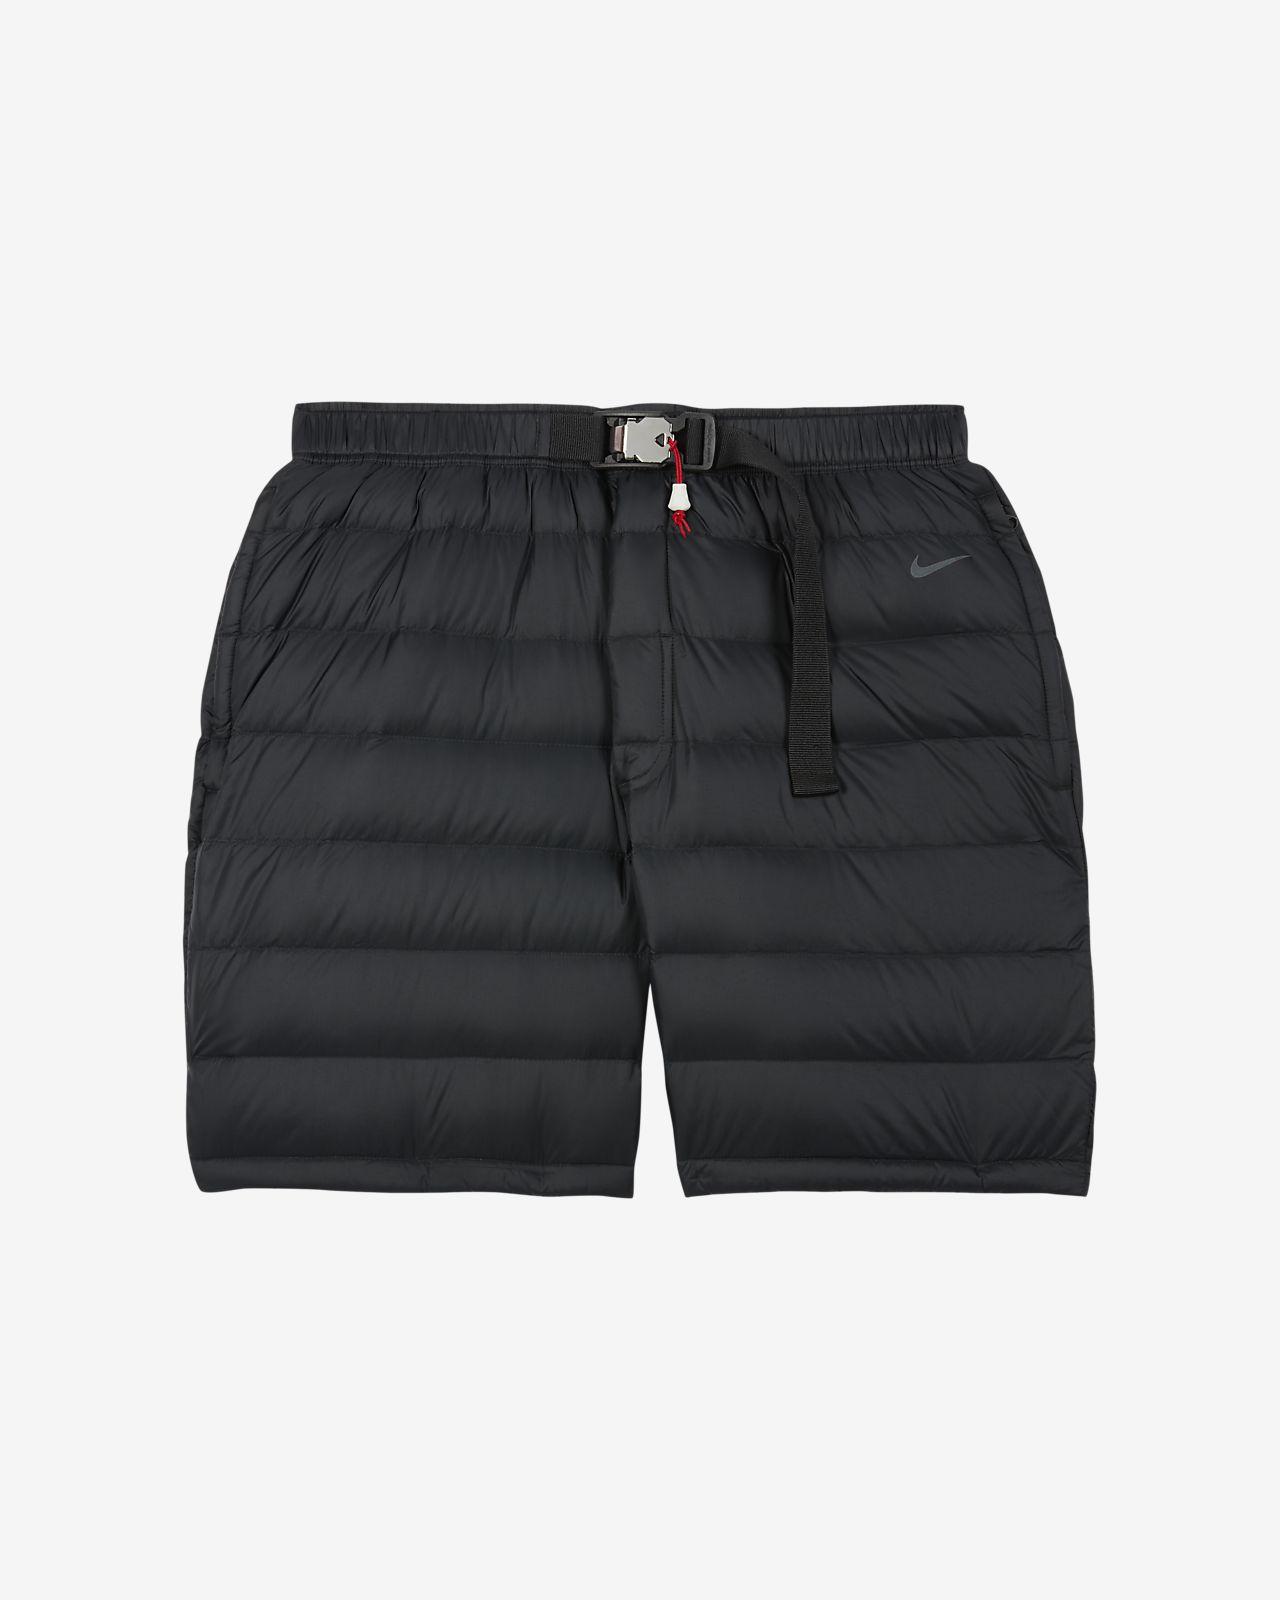 Nike x Tom Sachs Down Fill Shorts